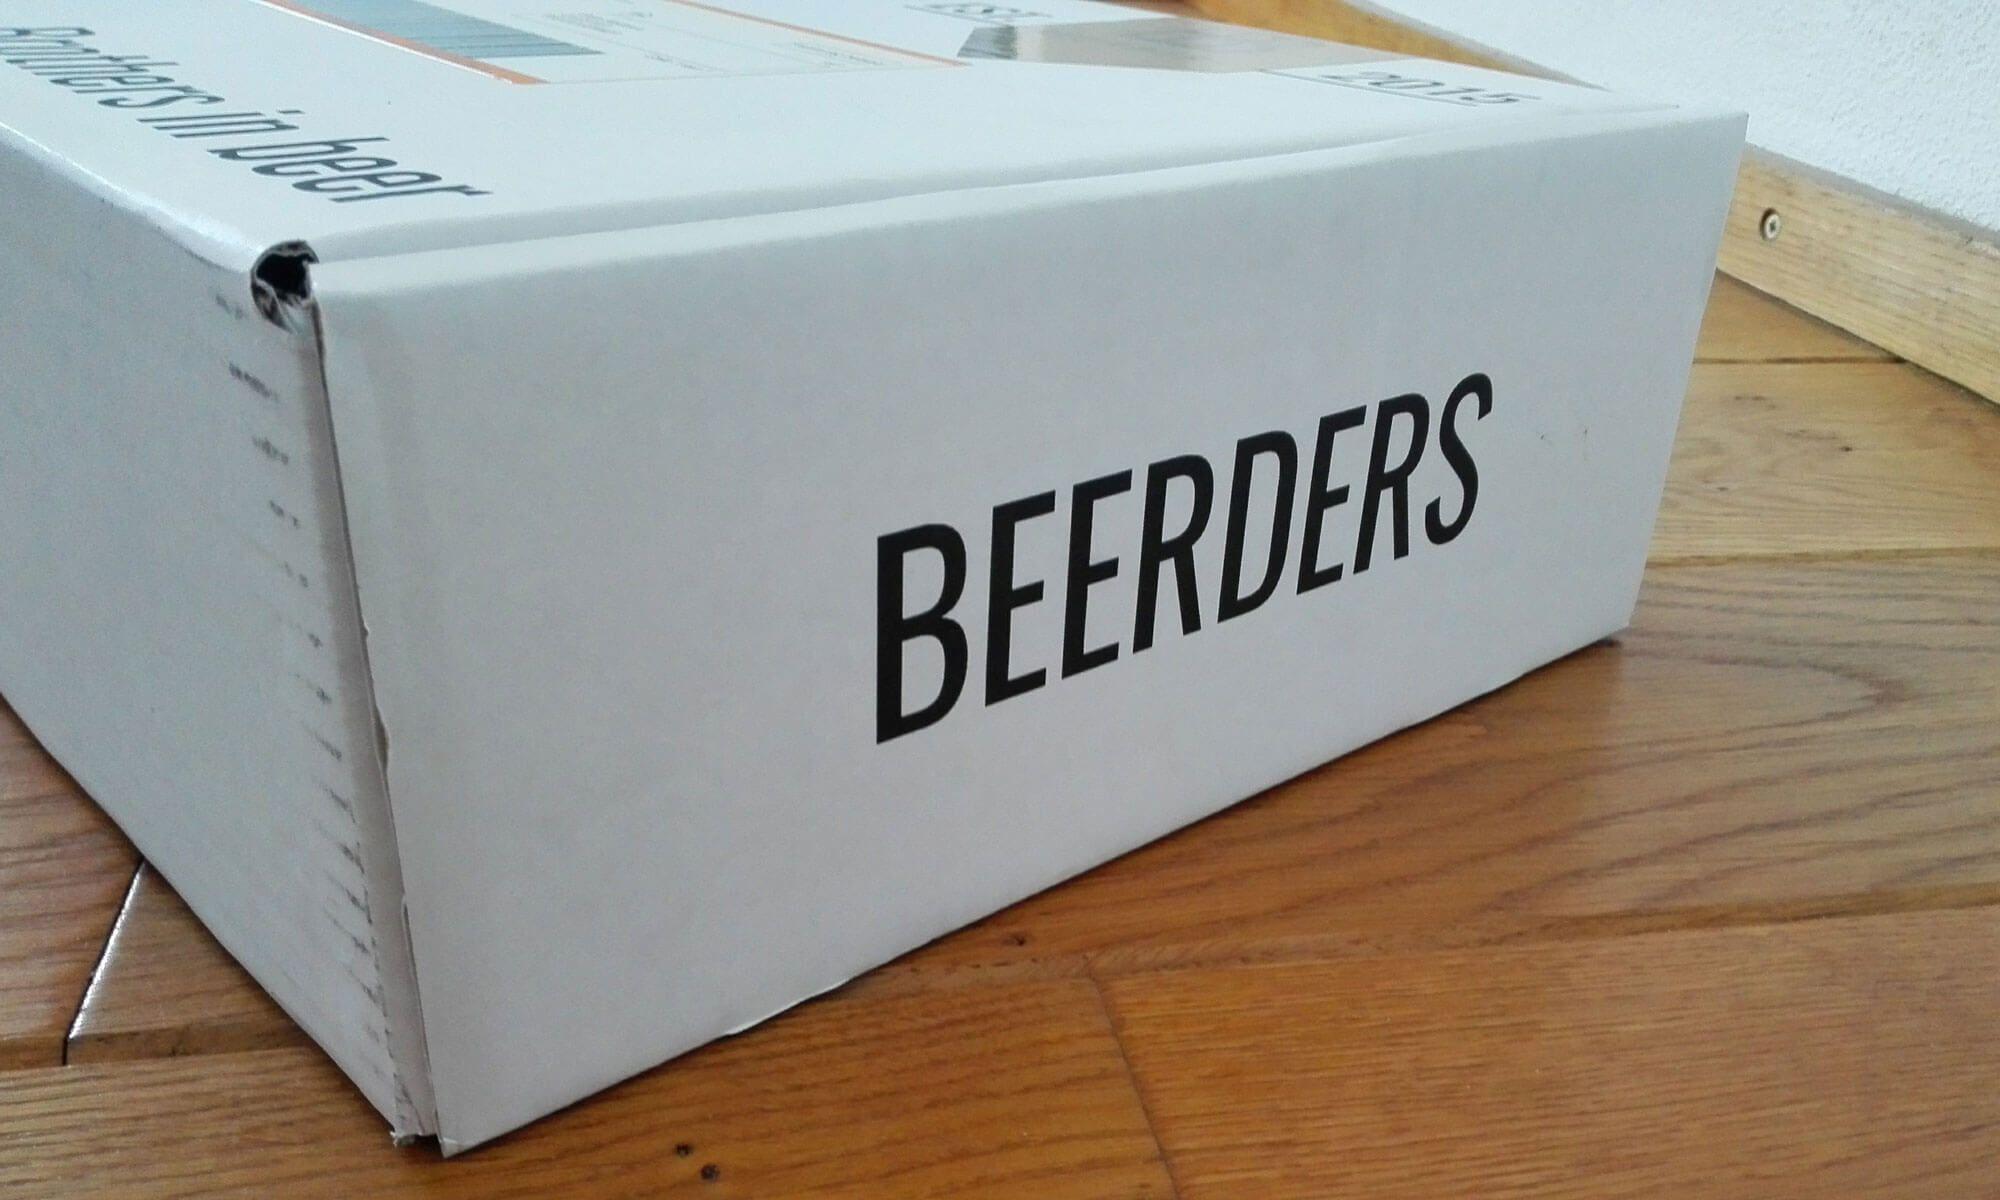 Het beerders bierabonnement